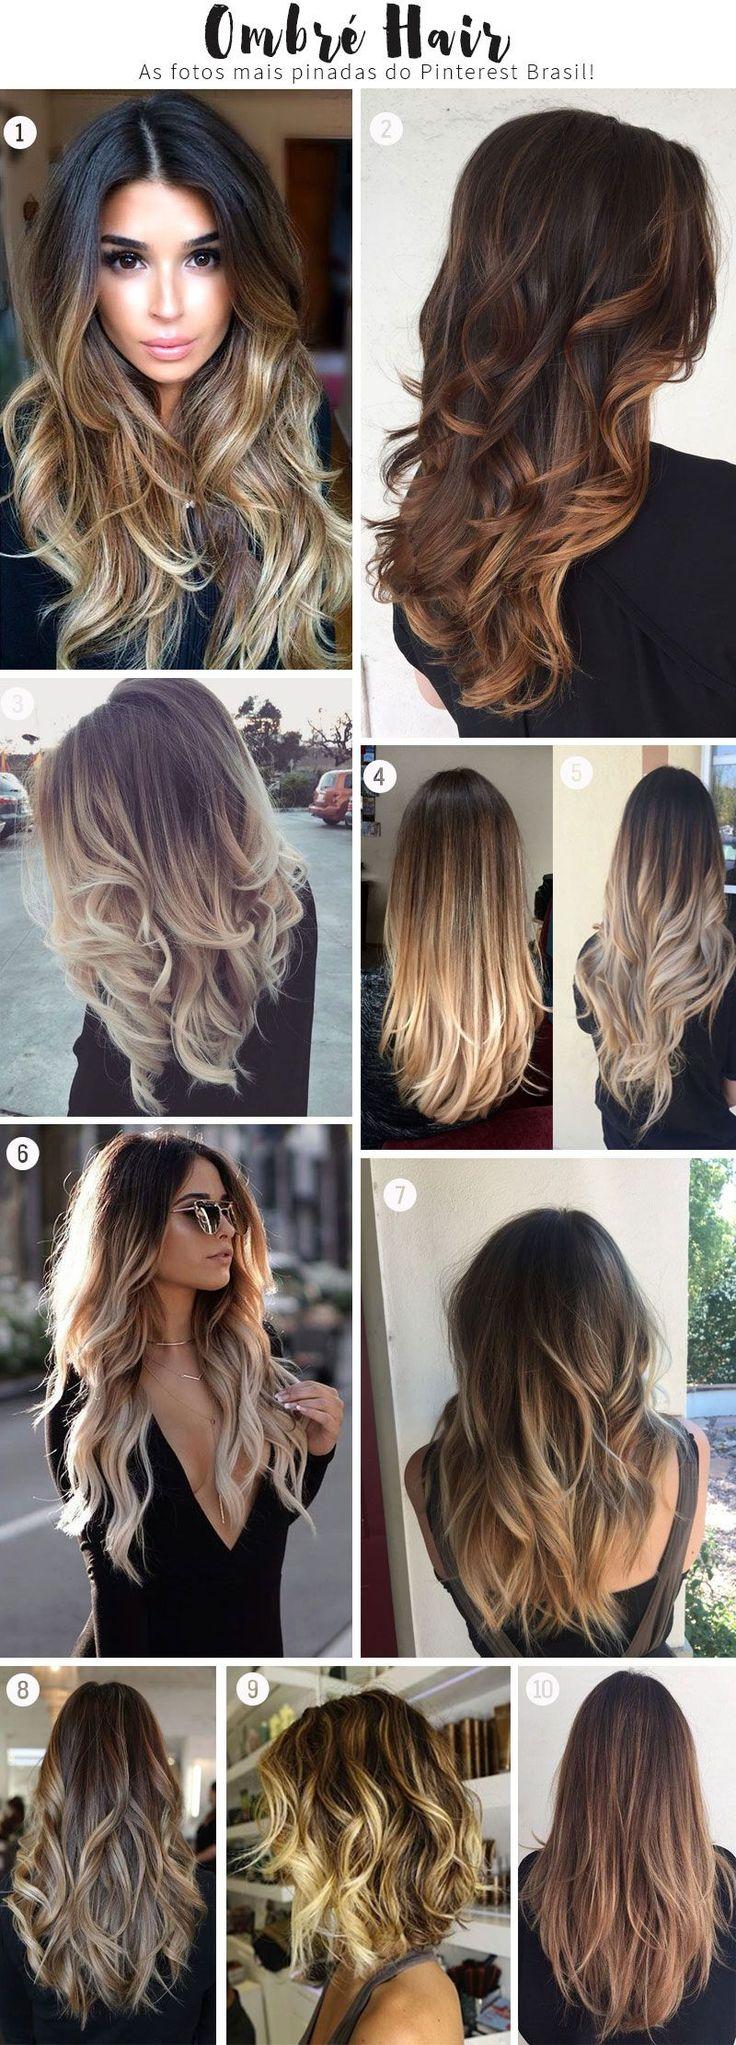 Ombr u00e9 Hair: Pinterest u00e4s schönsten und gepinnt! Inspirationen und … – Hairstyle